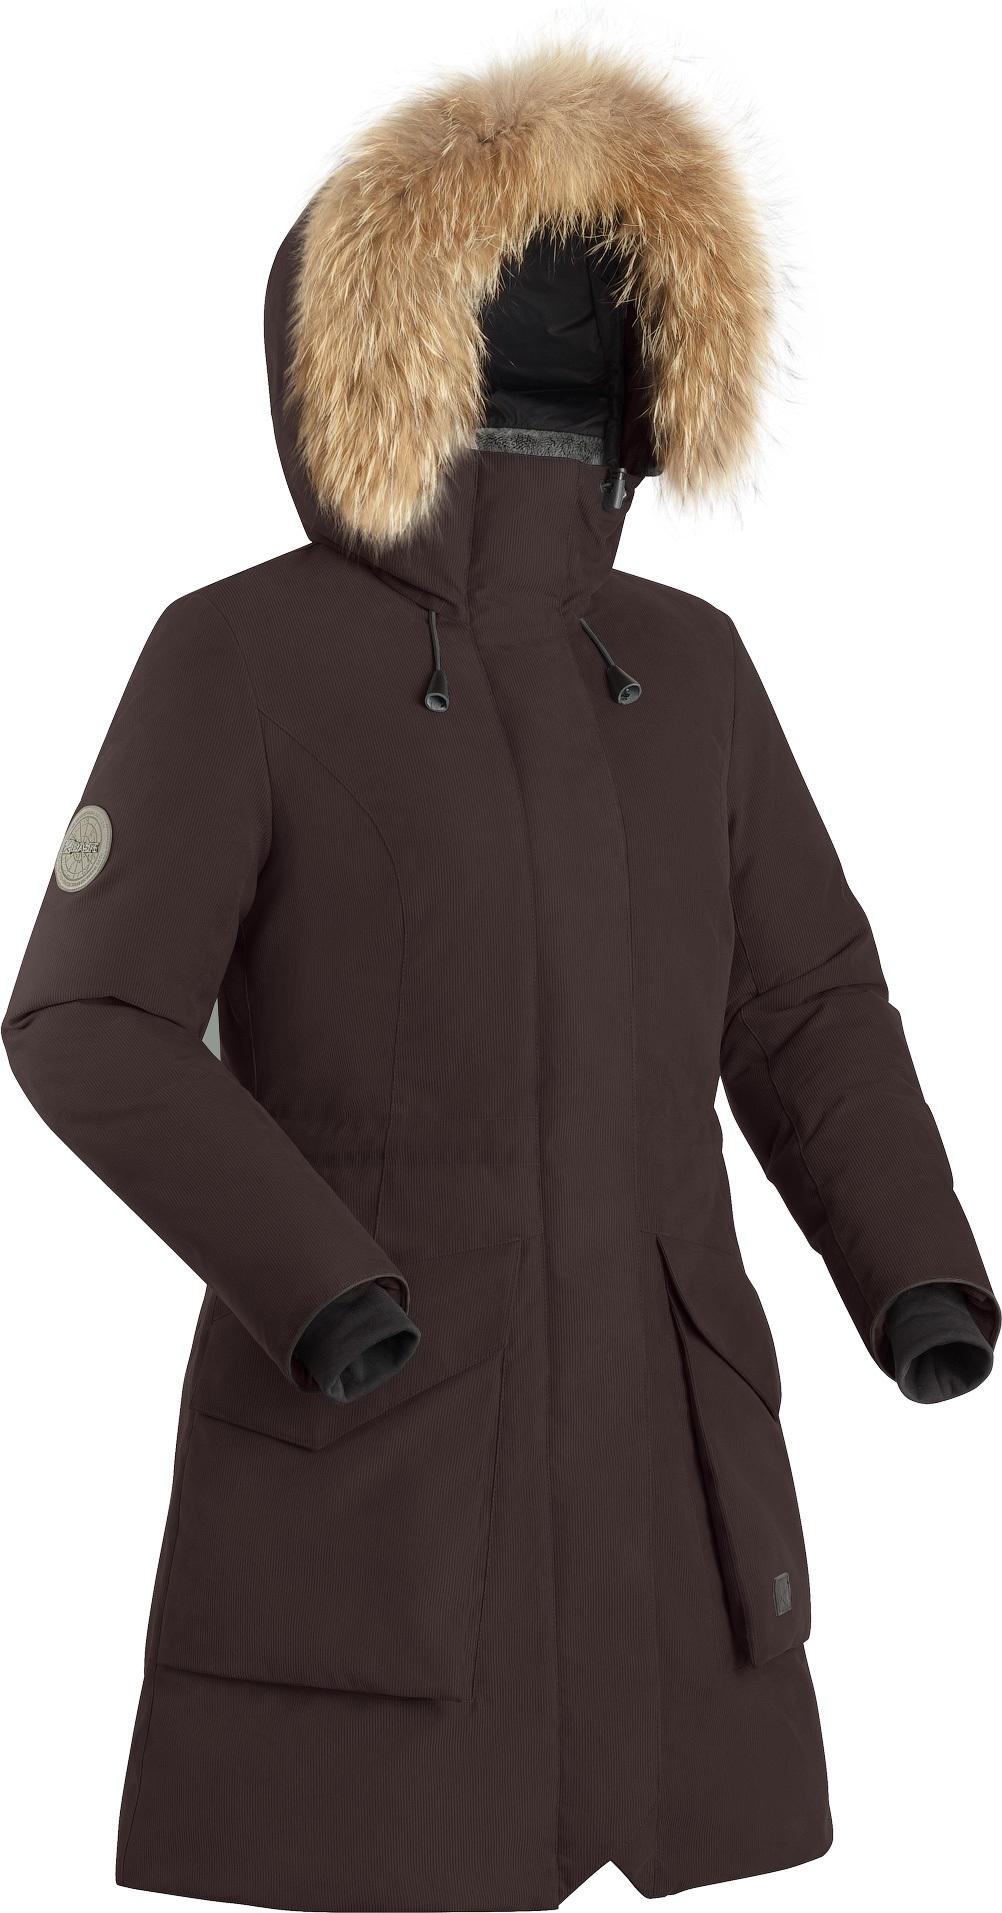 Купить Пальто пуховое женское BASK VISHERA темно-бордовое, Компания БАСК